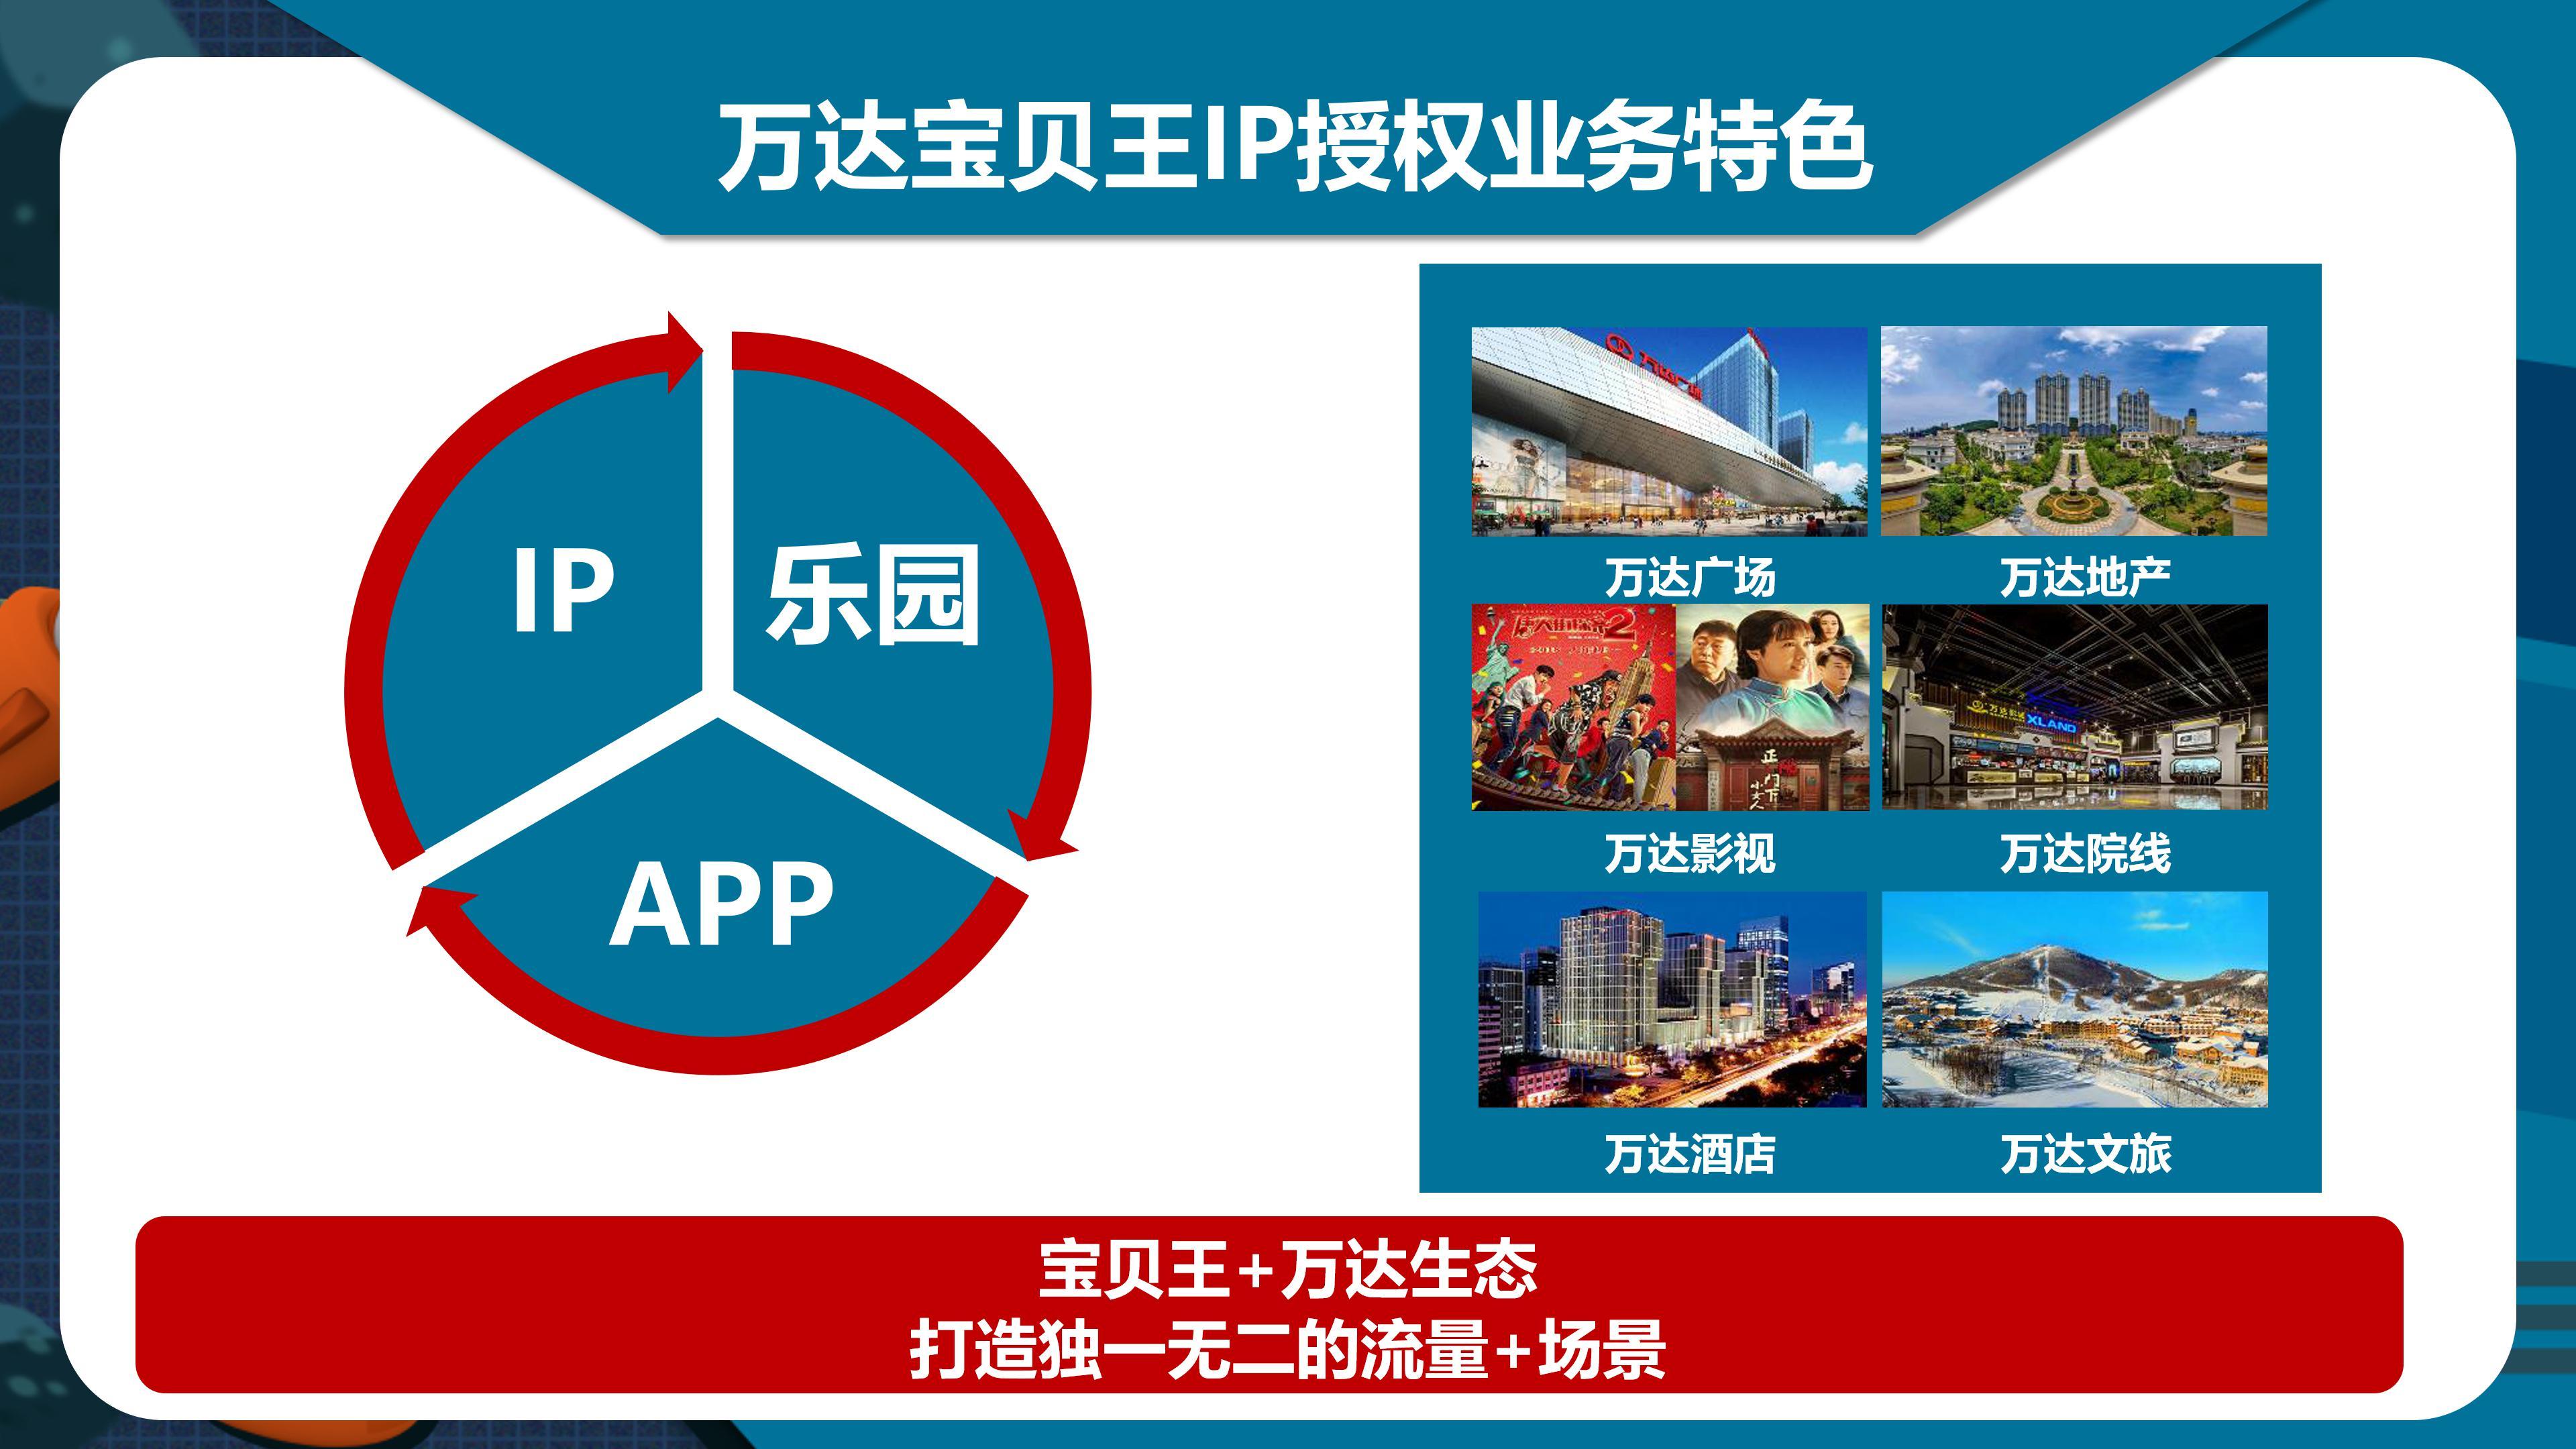 (202105对外版)-万达宝贝王IP介绍_07.jpg